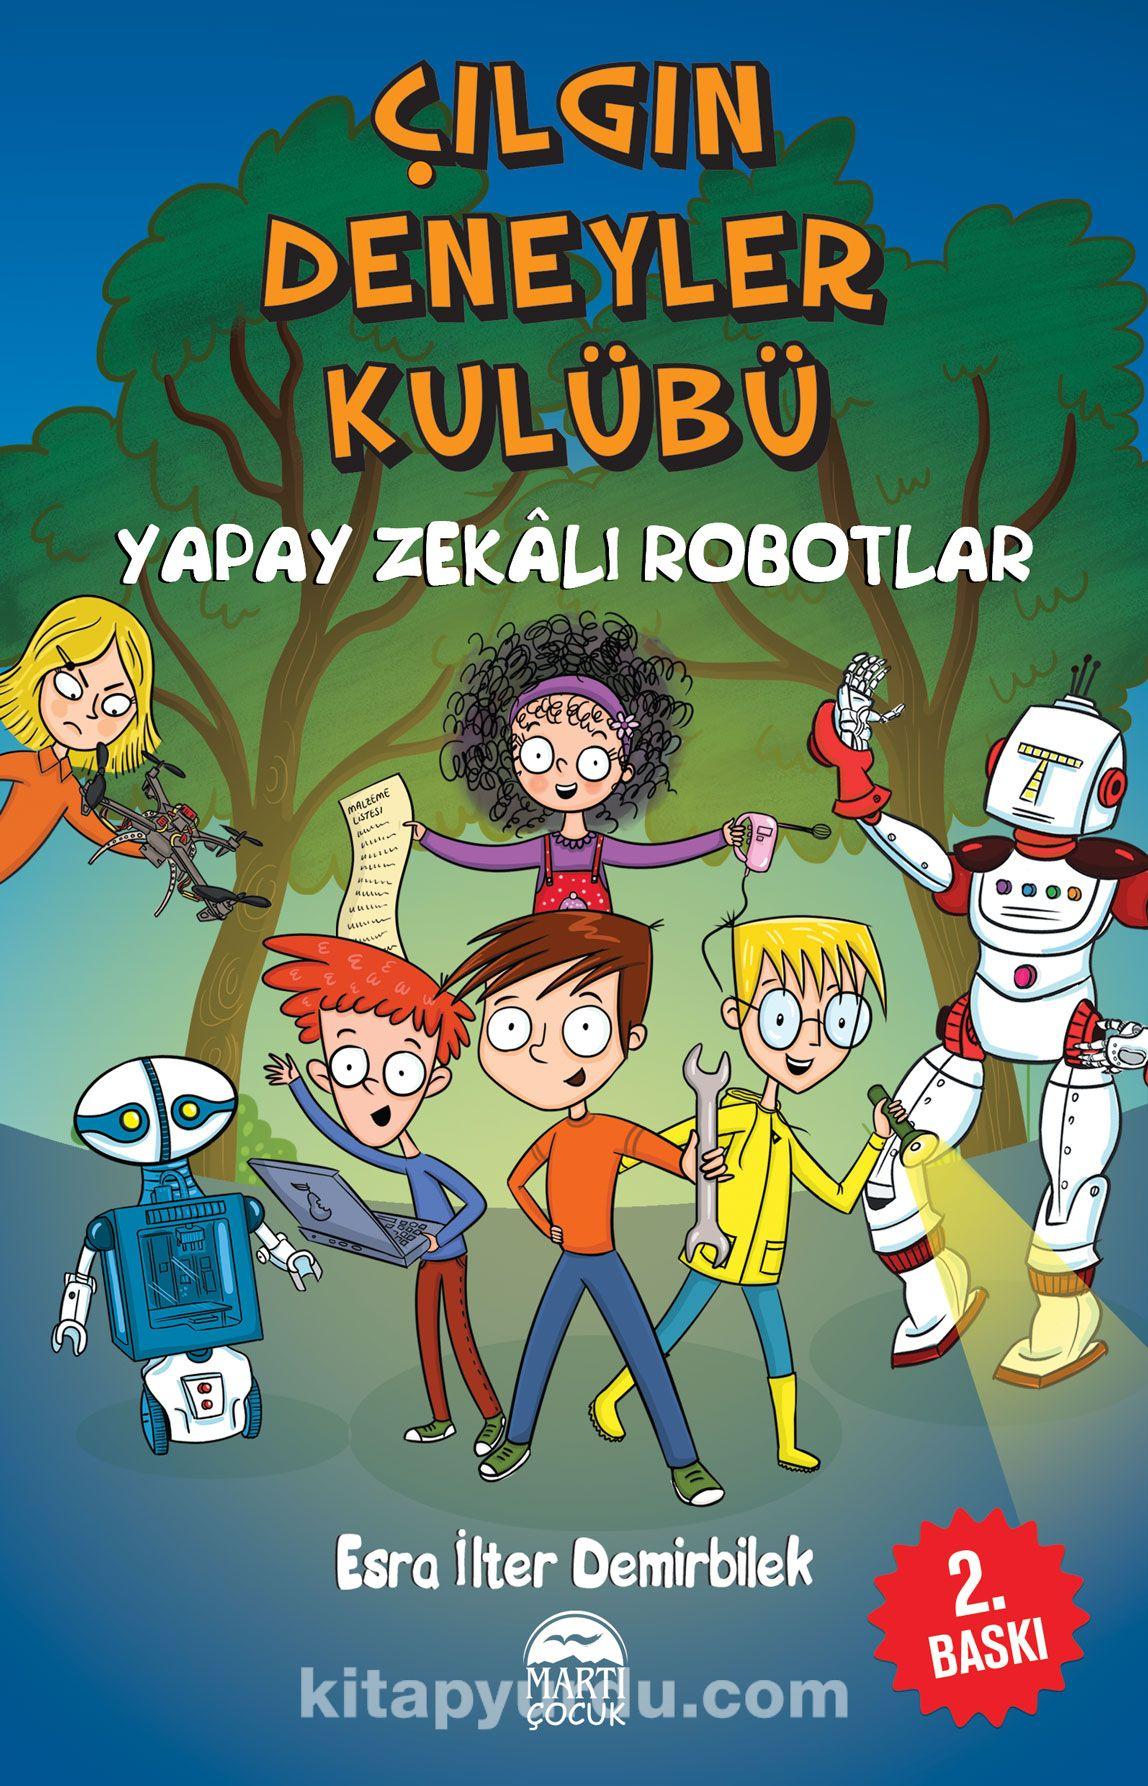 Çılgın Deneyler Kulübü 2 / Yapay Zekalı Robotlar - Esra İlter Demirbilek pdf epub